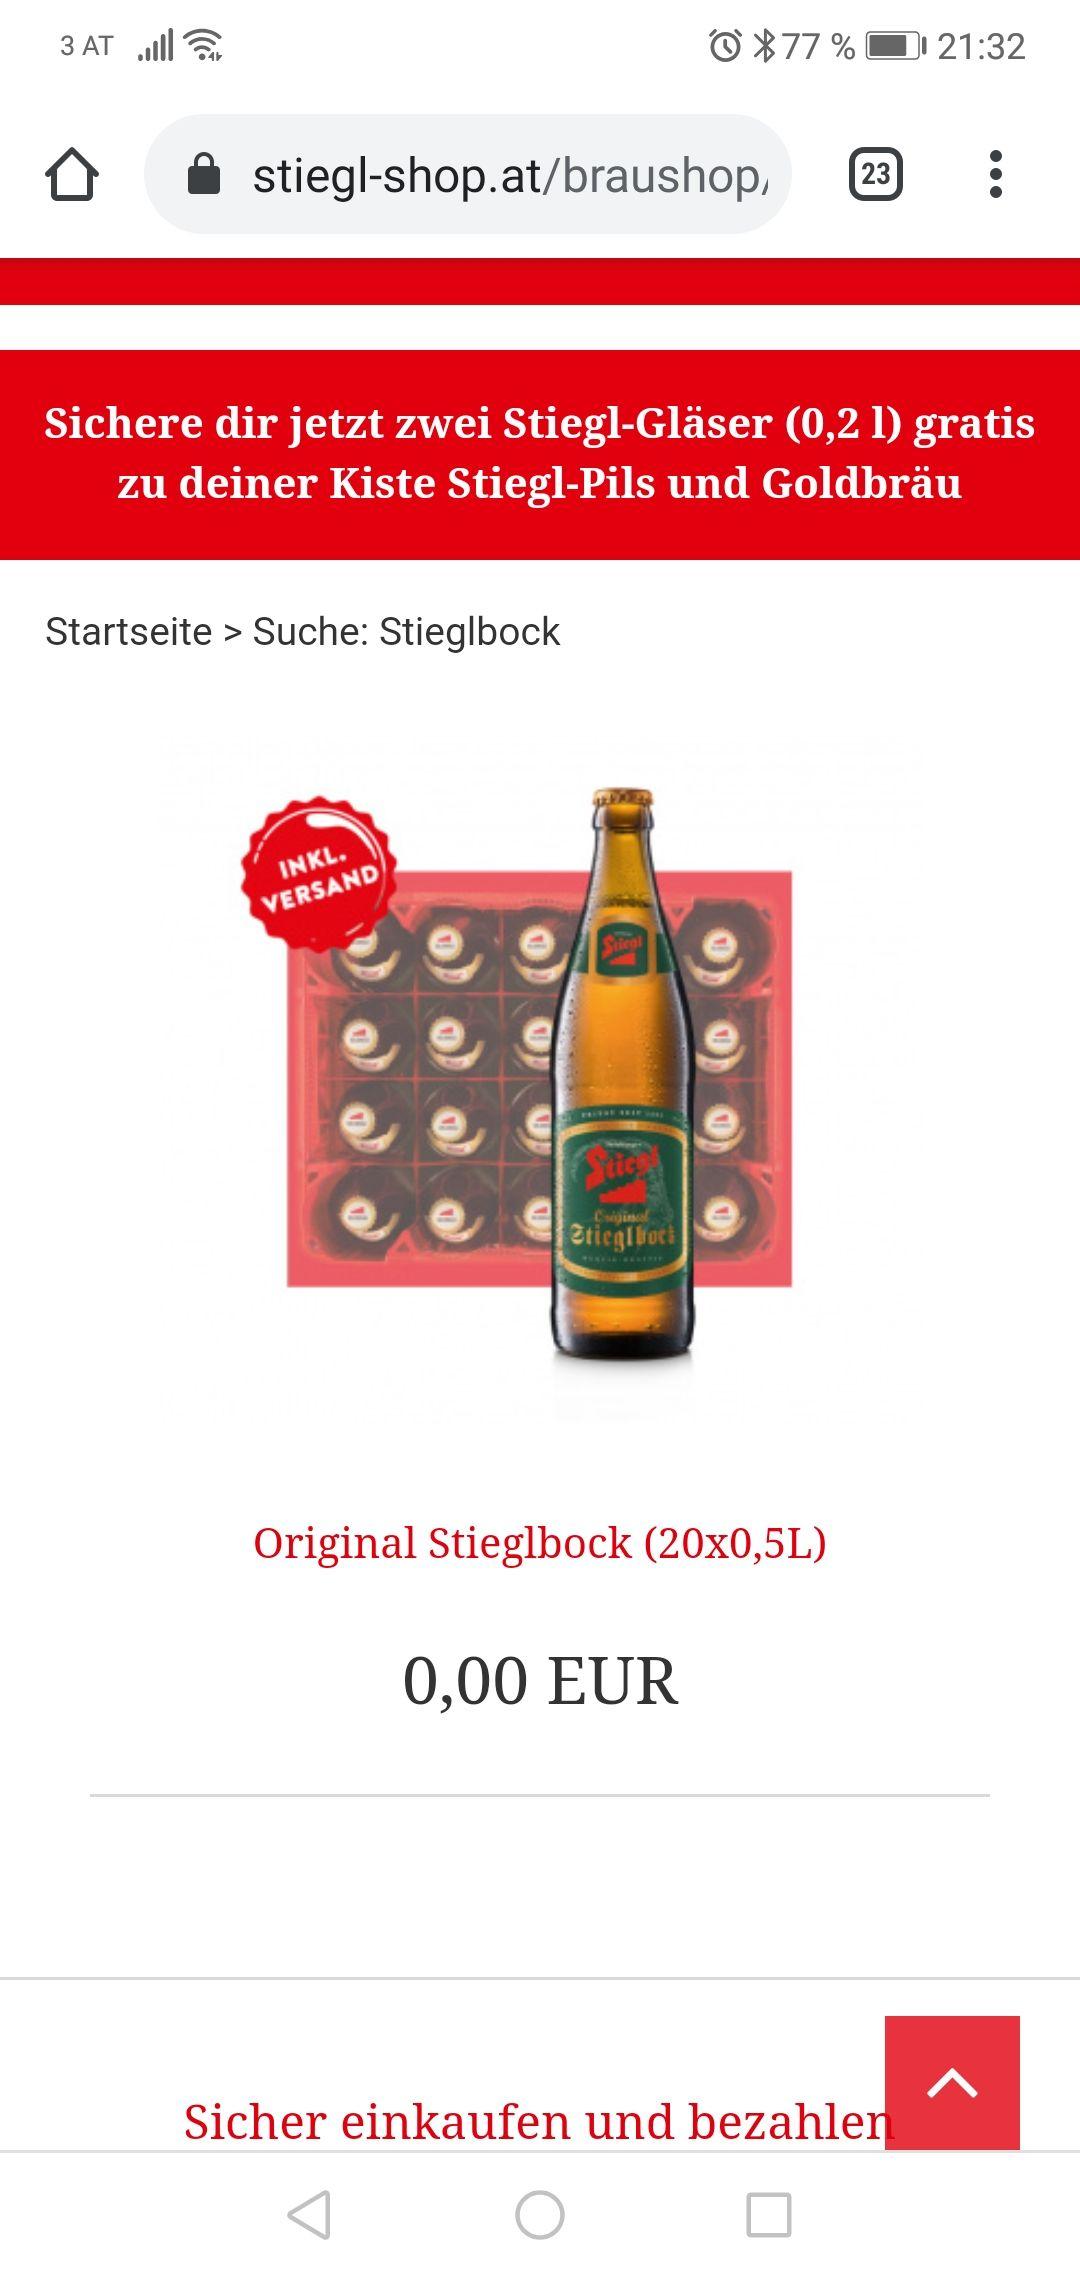 Original Stieglbock Kiste gratis